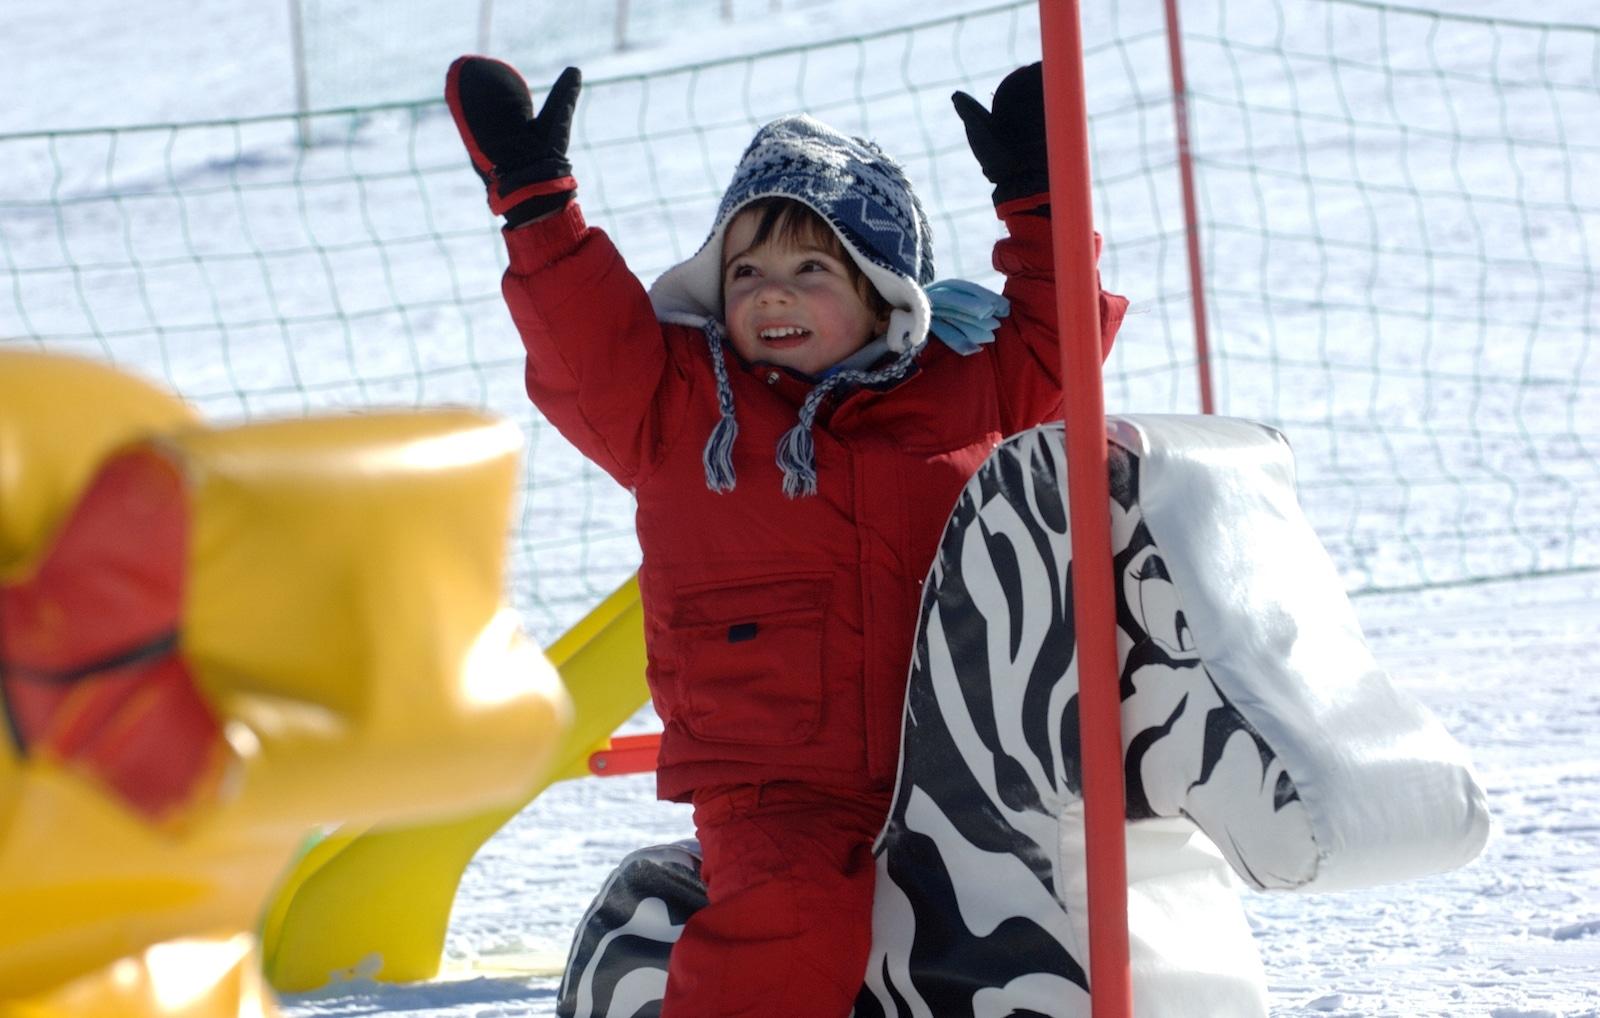 Monte-baldo-foto-APT - Parco giochi sulla neve foto di Carlo Baroni copia